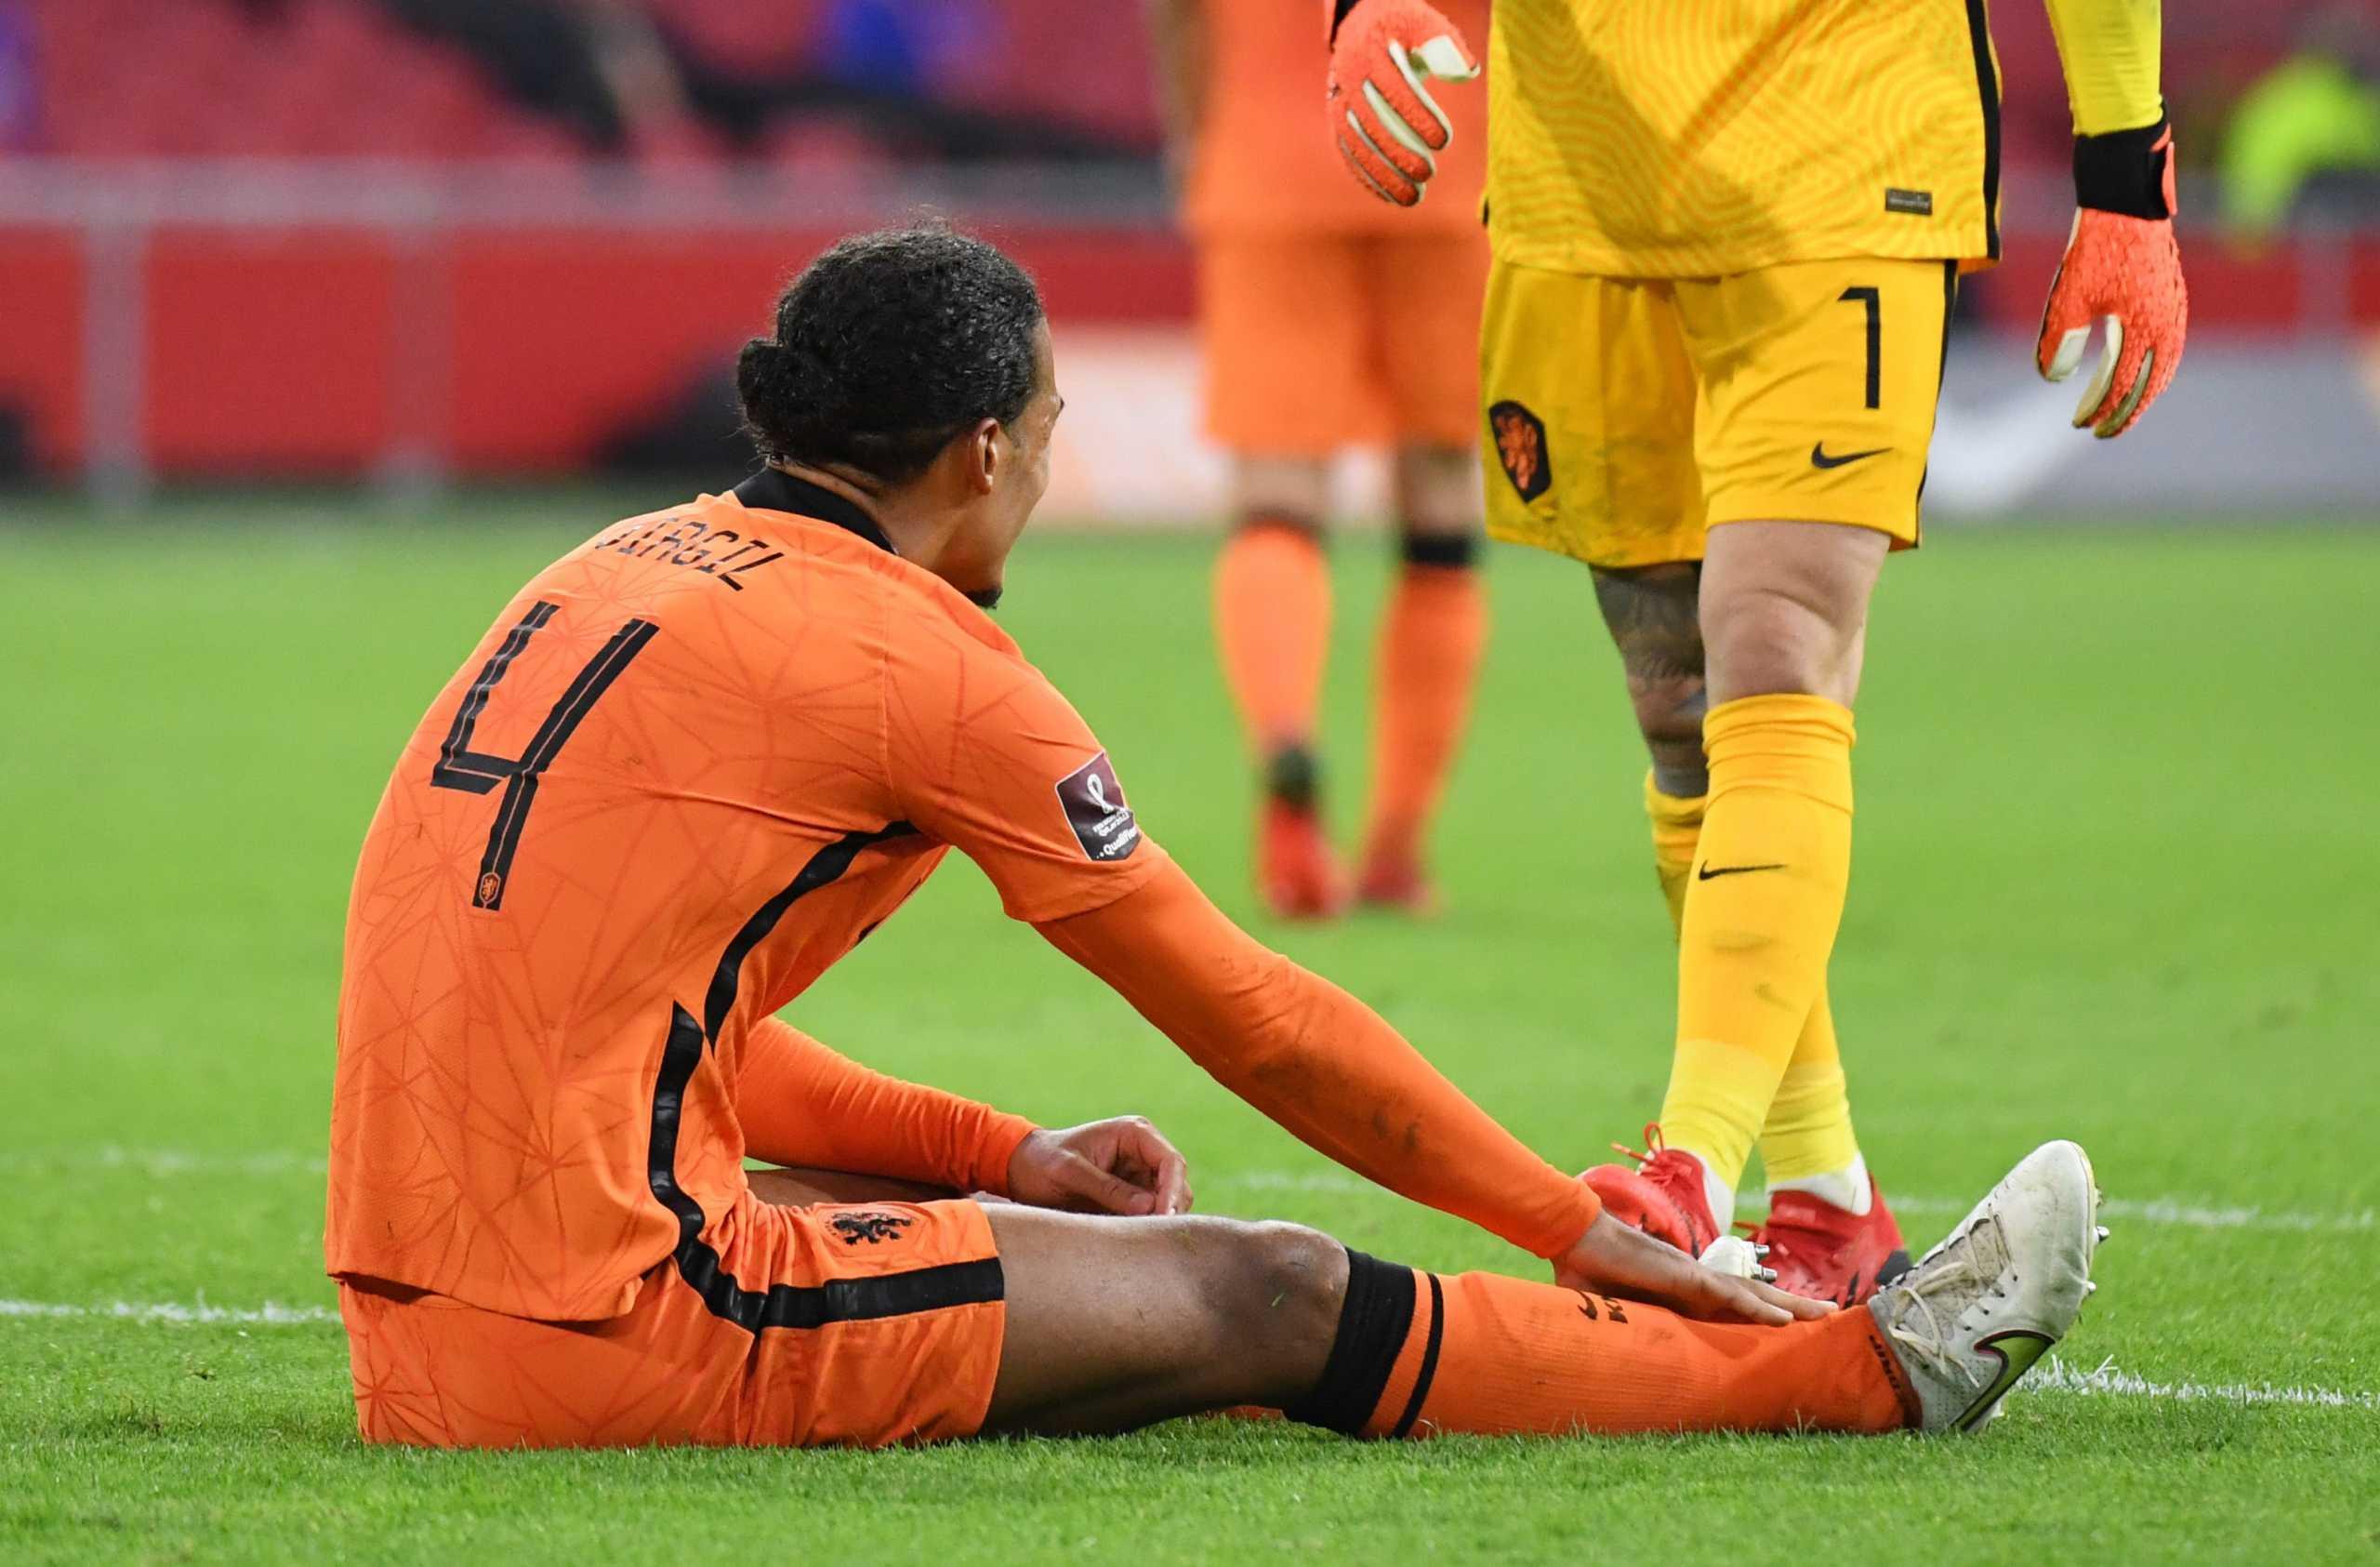 Ο Φαν Ντάικ καθησύχασε τη Λίβερπουλ για τον τραυματισμό του: «Είμαι καλά, το ξέχασα κιόλας»